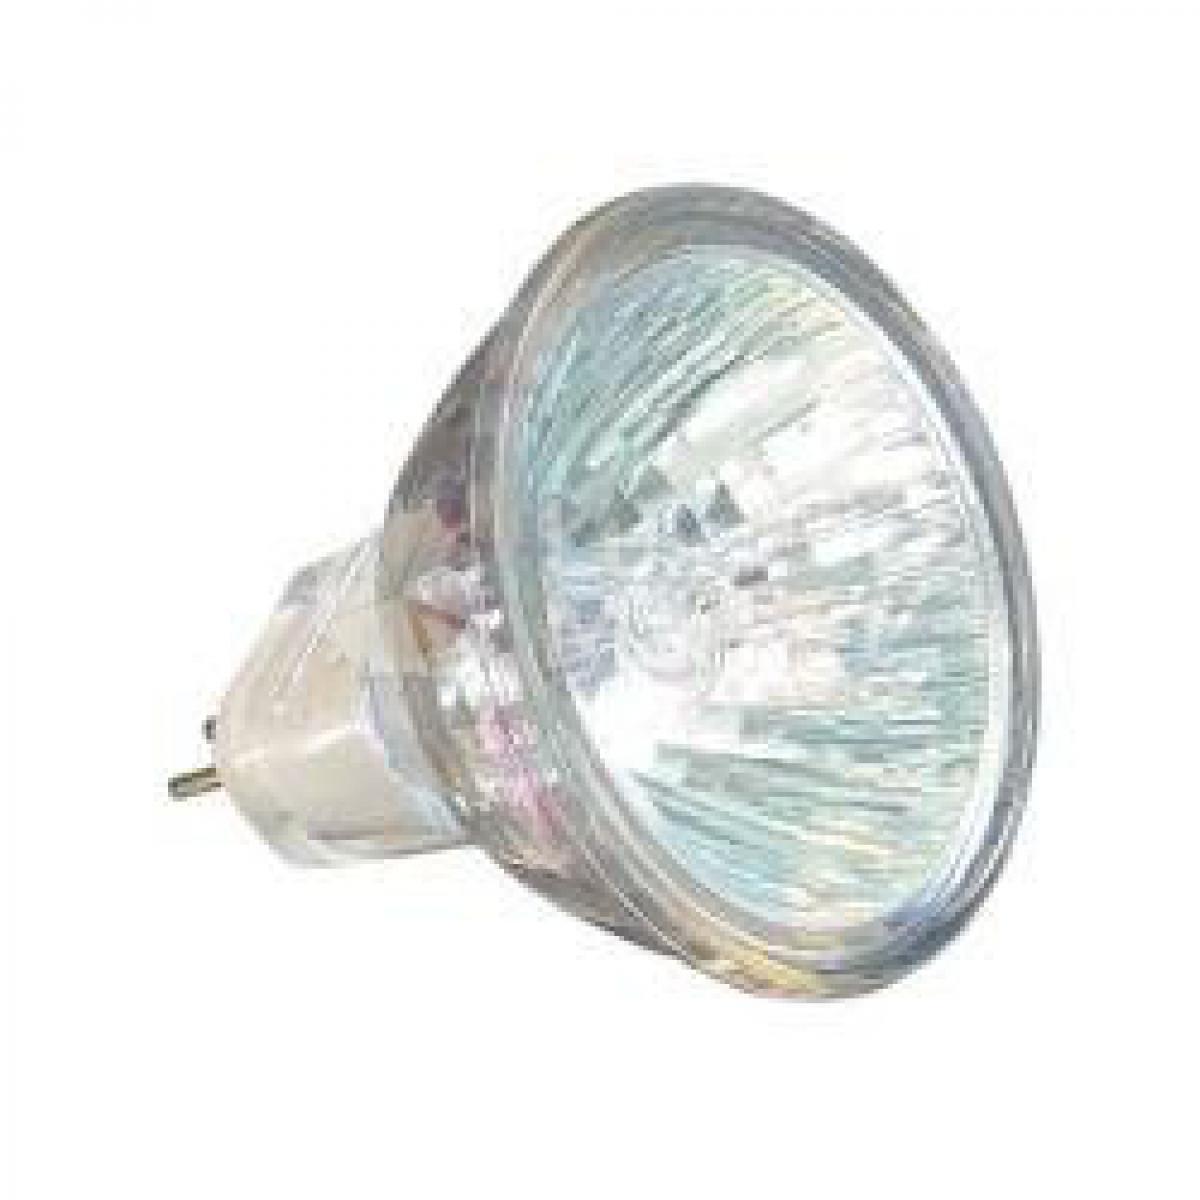 barwy światła, oświetlenie ciepłe, oświetlenie neutralne, oświetlenie zimne